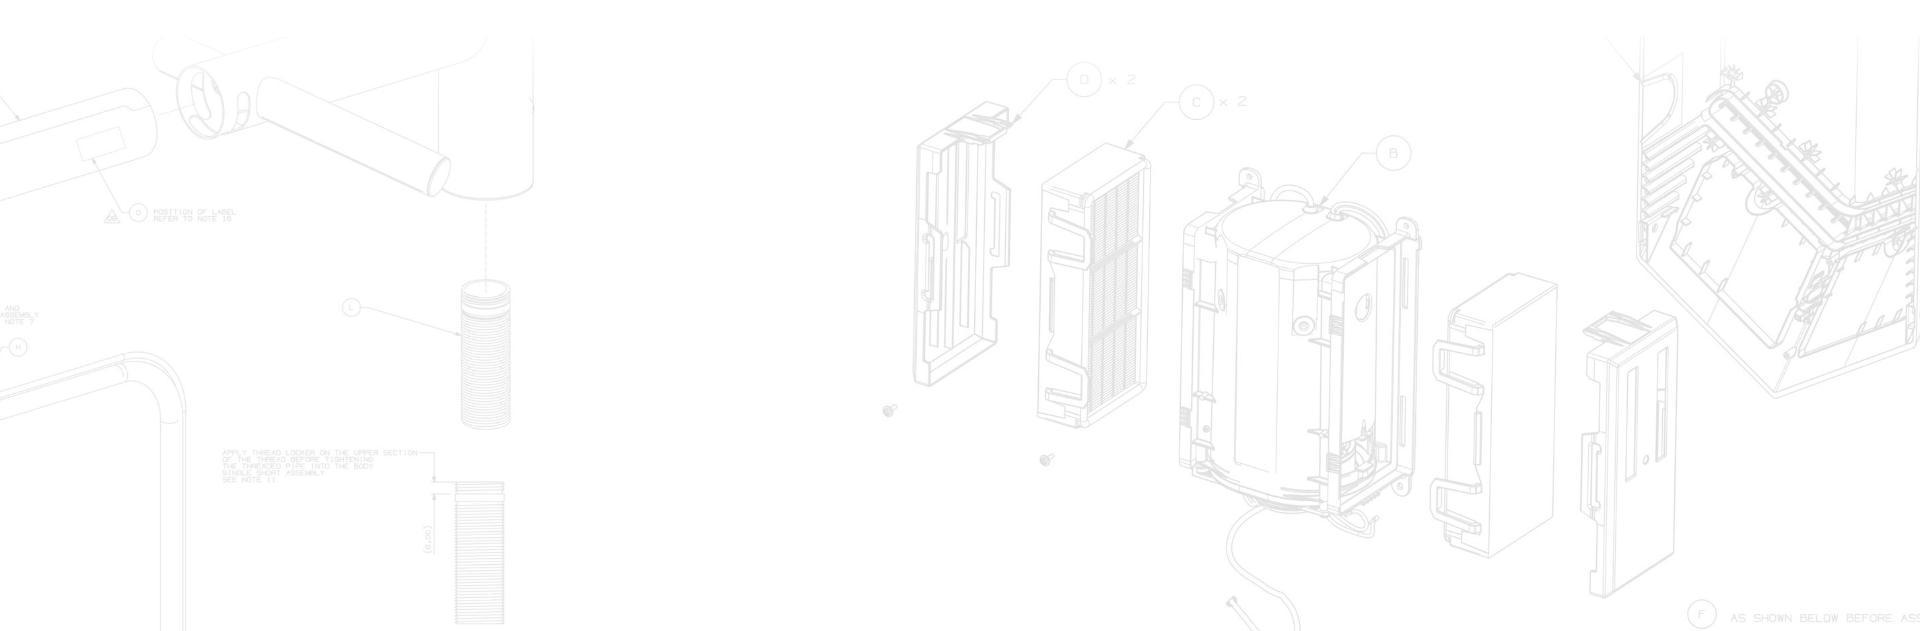 مخطط منتجات دايسون